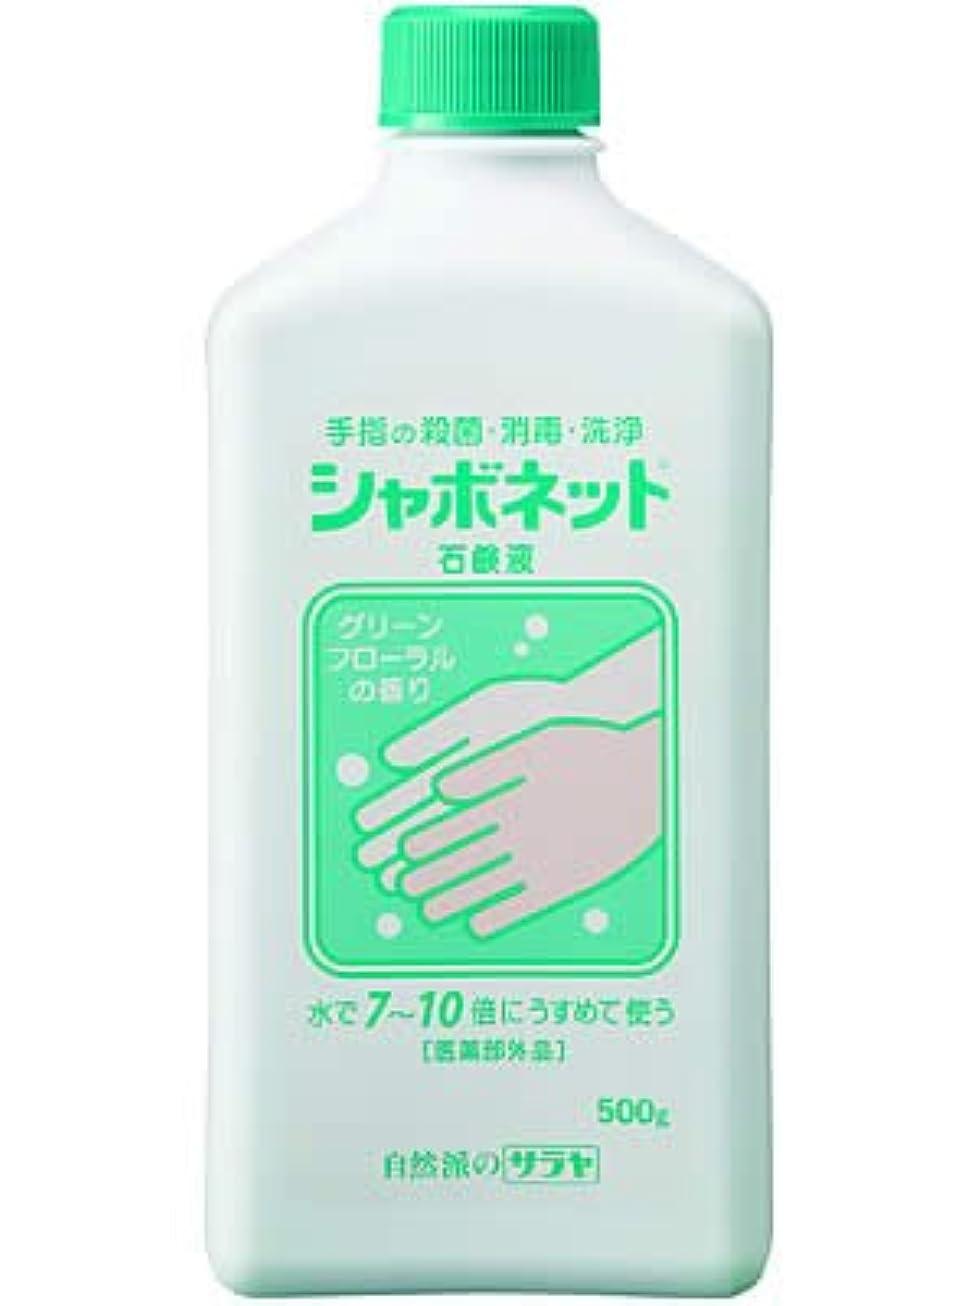 ありがたい息を切らしてコメンテーターシャボネット 石鹸液 500g ×5個セット